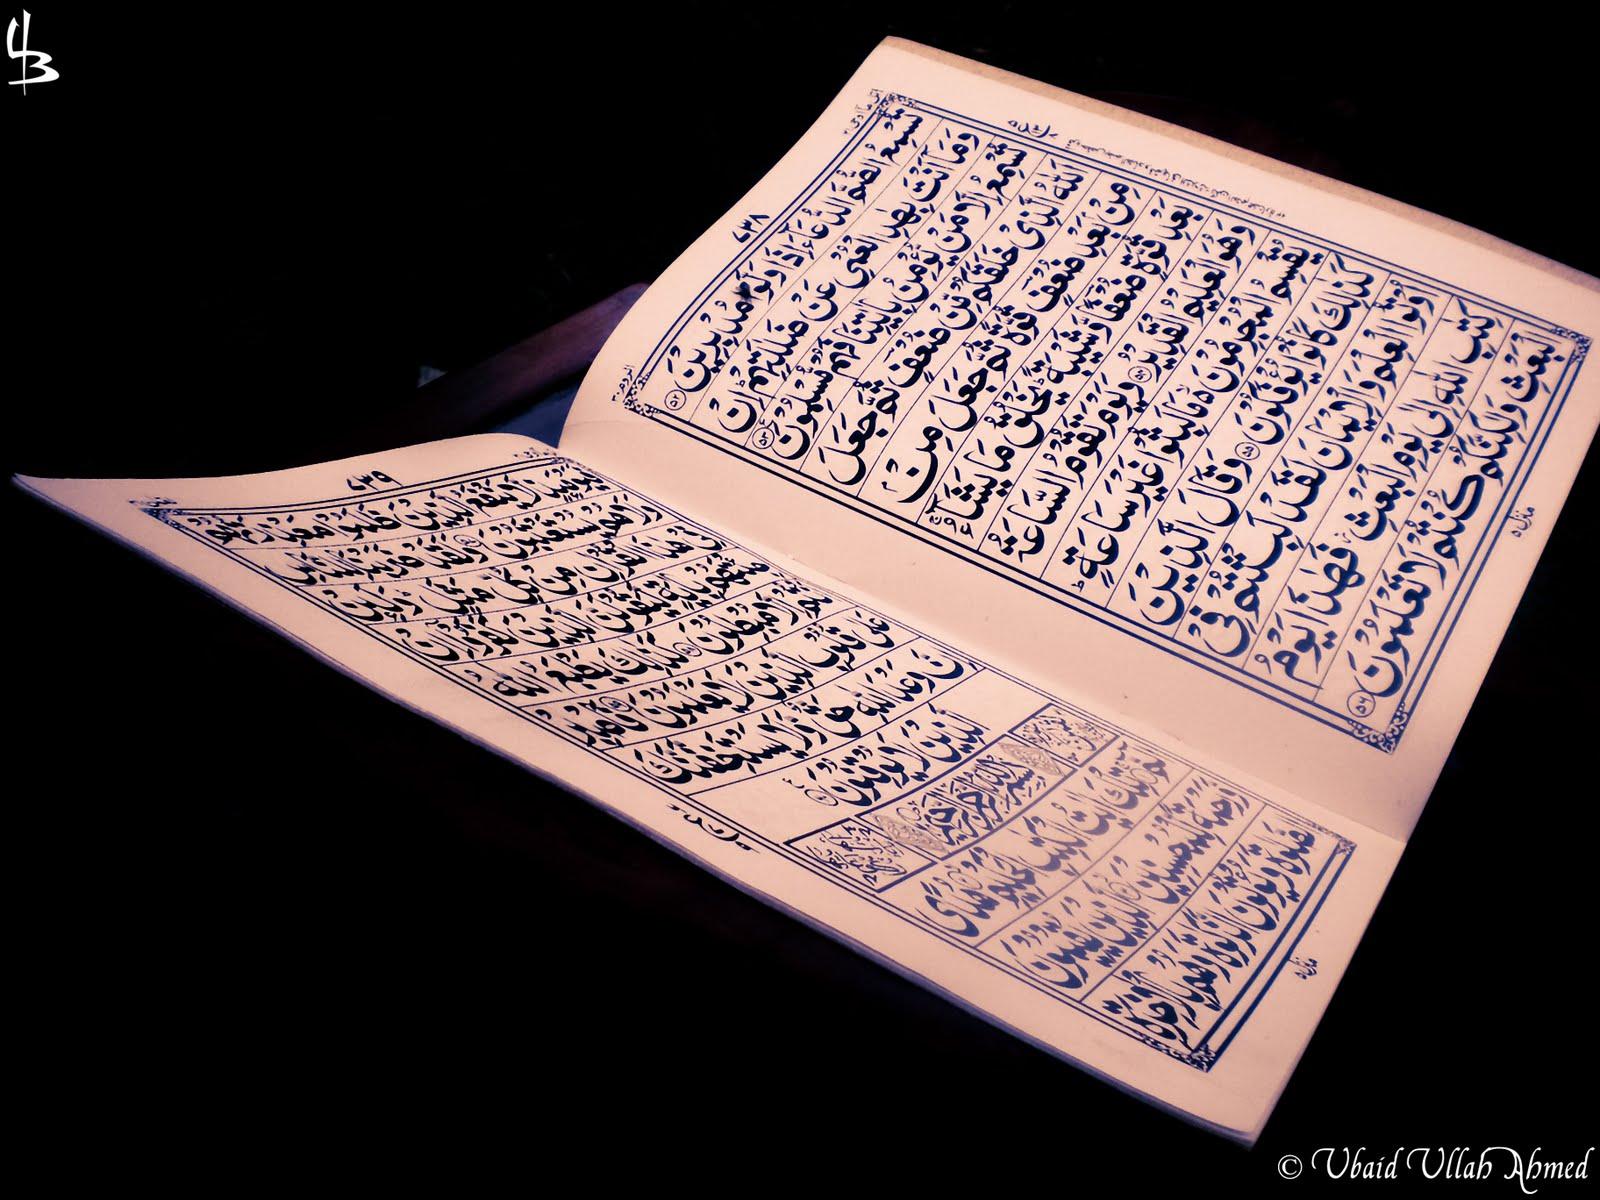 QuranicAudio